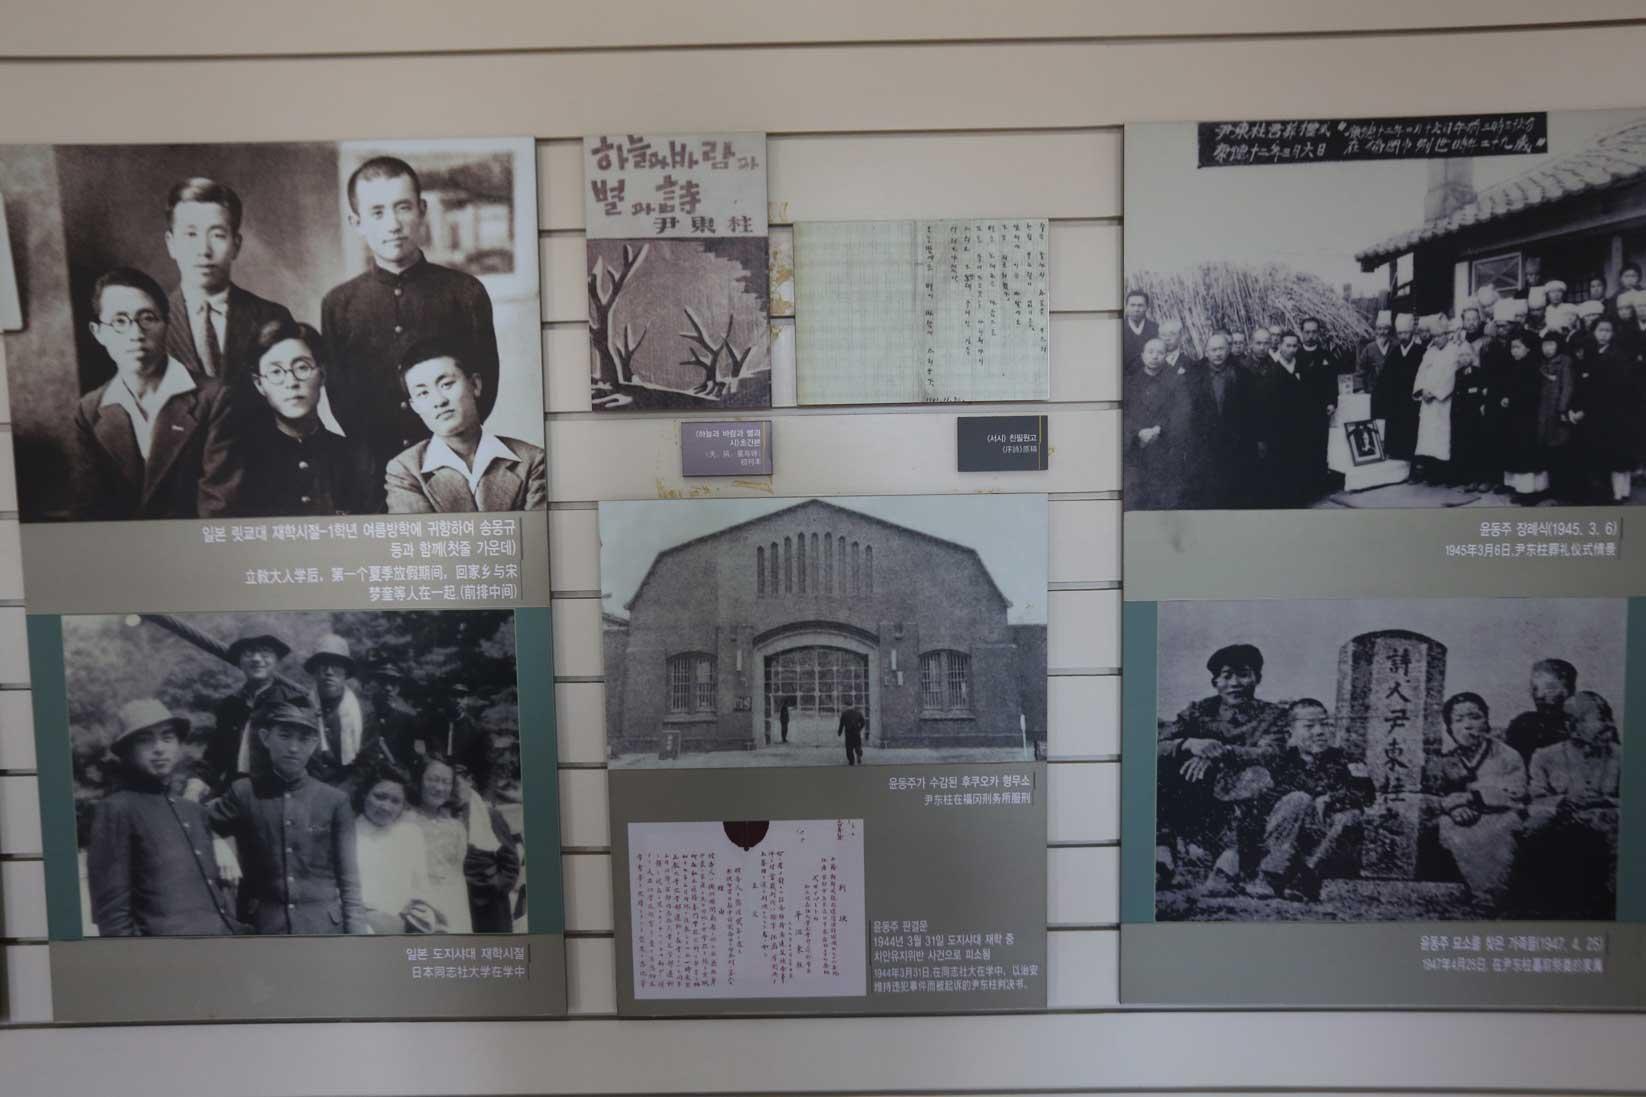 朝鮮からの移民が開墾した龍井のいま(吉林省延辺朝鮮族自治州)_b0235153_11212988.jpg